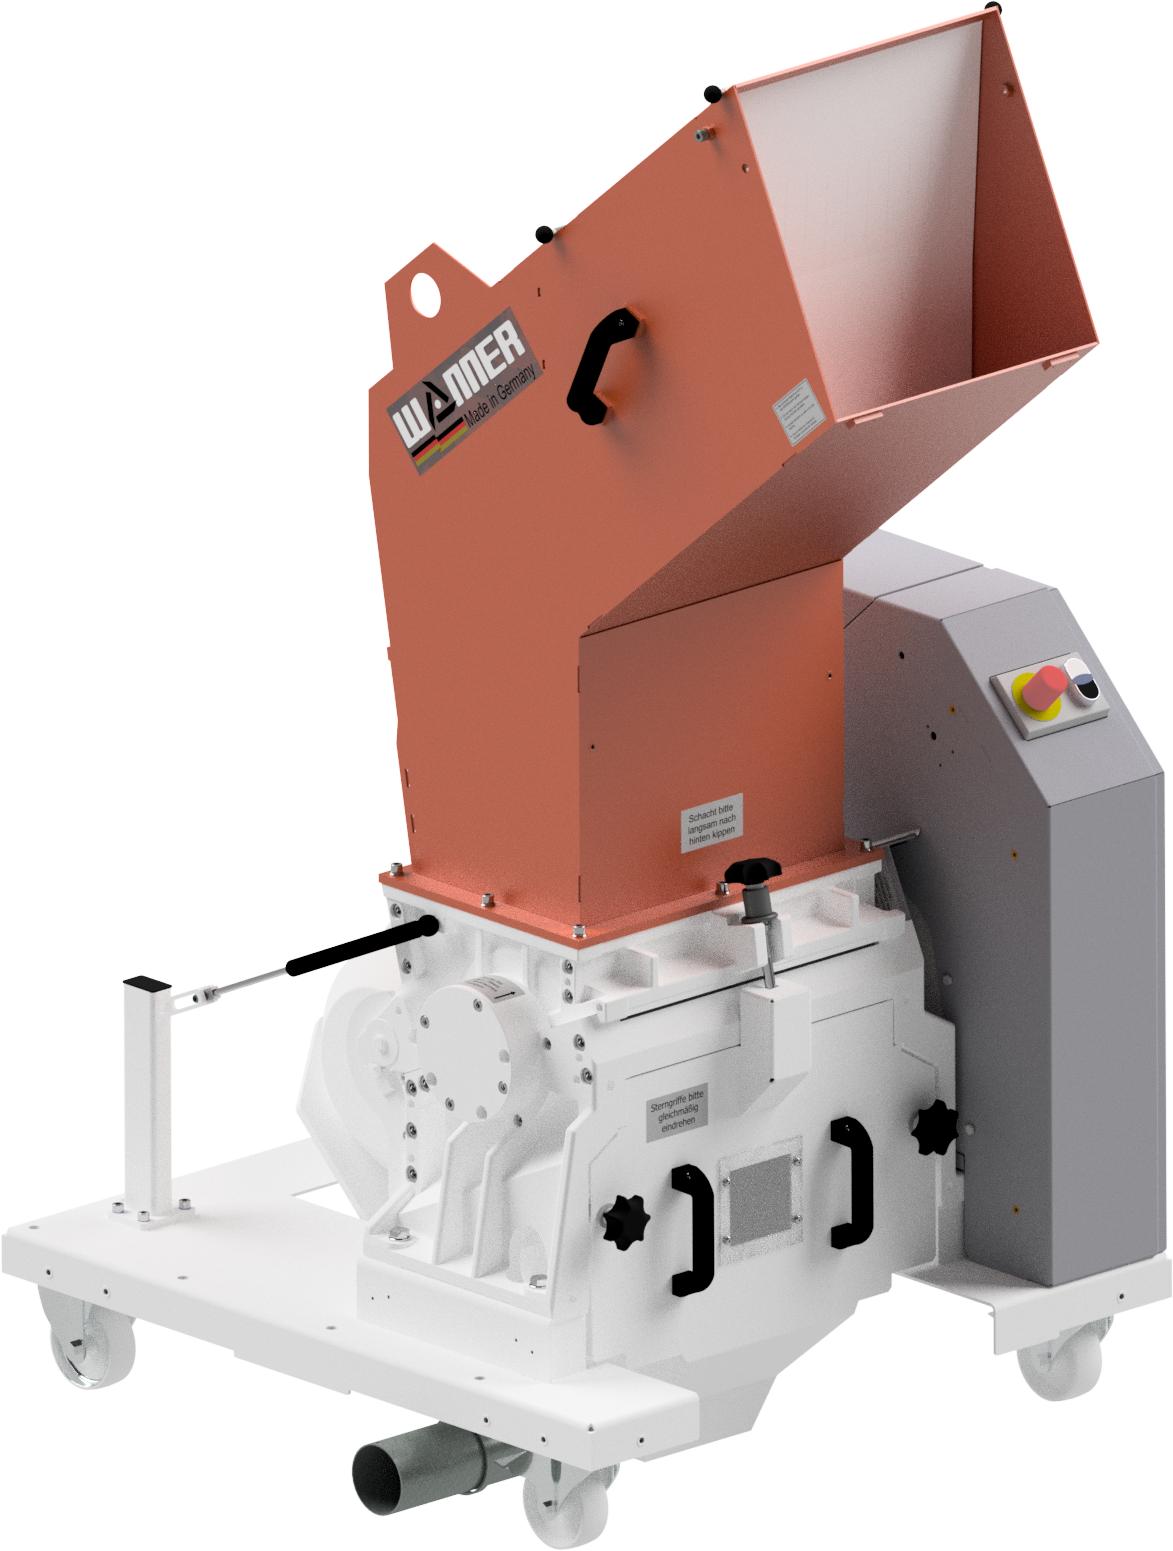 Bild der Wanner D25.38 Standard Kunststoffschneidmühle. ISO Ansicht. Die Schneidmühle für Plastik und Kunststoffe, zentral oder als Beistellmühle. Liefert bei der Zerkleinerung von Angüssen, Butzen und Blasformen feinstes Mahlgut.